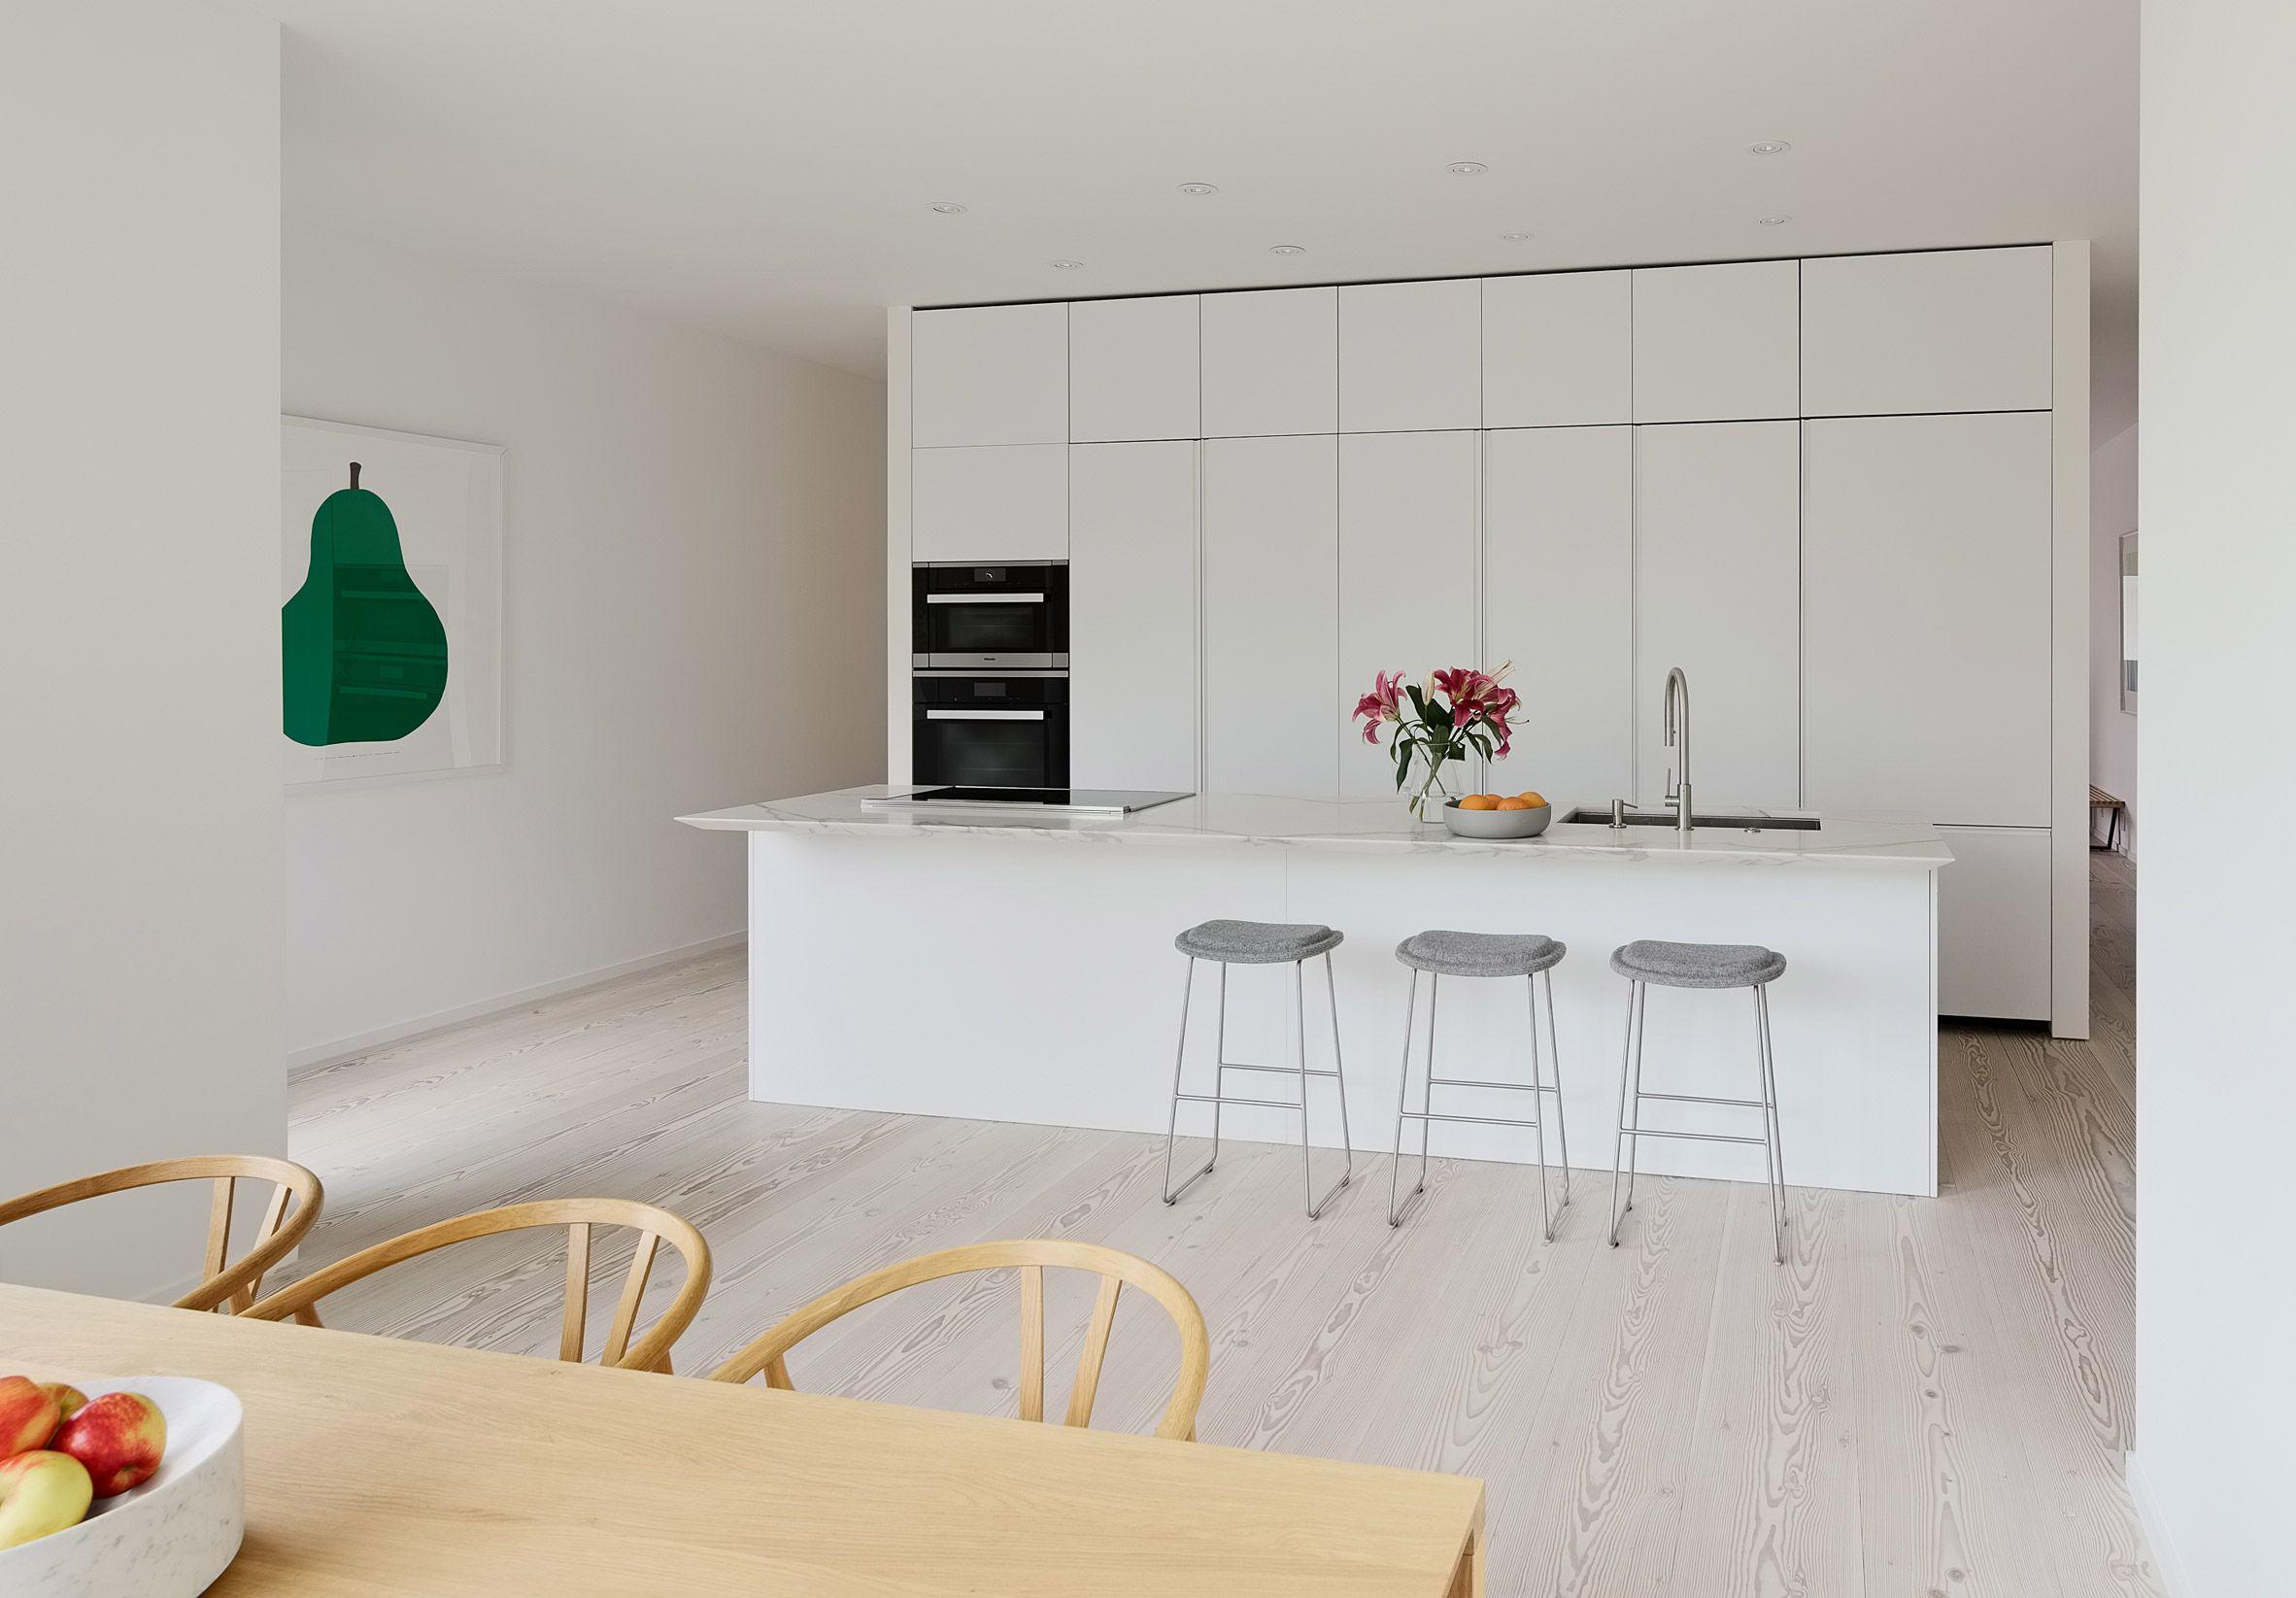 Berühmt Einbauküchen East London Zeitgenössisch - Ideen Für Die ...